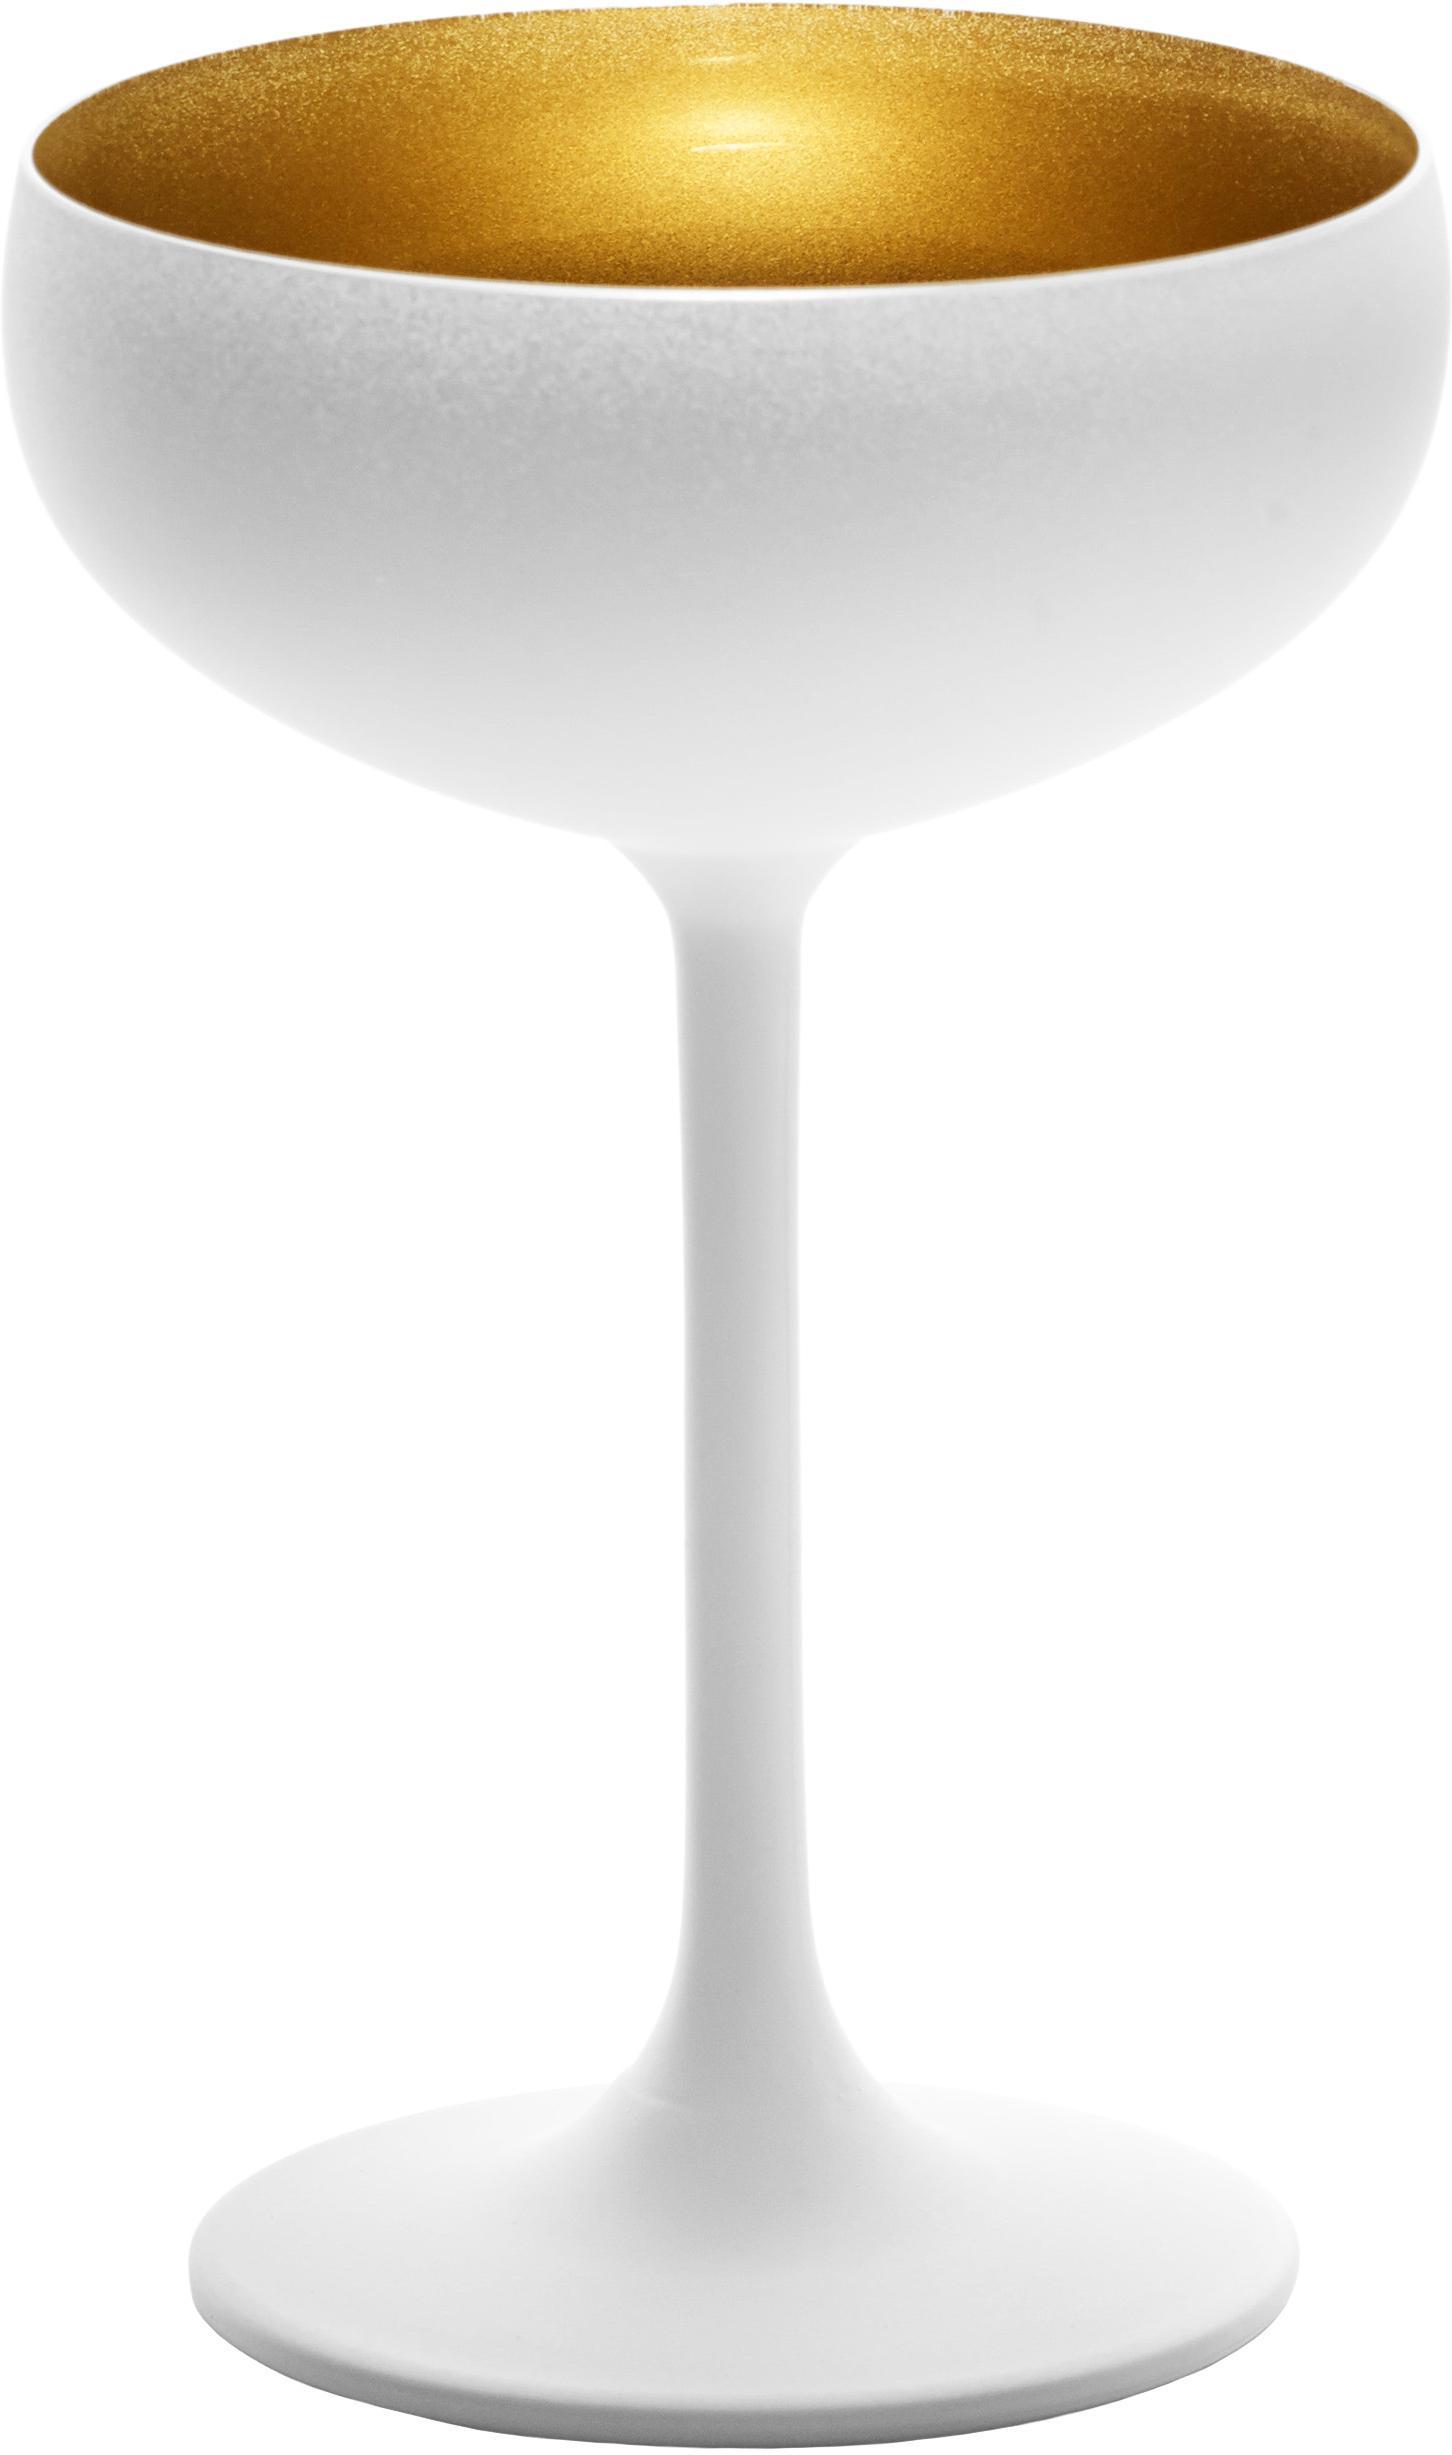 Kristallen champagneglazen Elements in wit/goudkleurig, 6 stuks, Kristalglas, gecoat, Wit, messingkleurig, Ø 10 x H 15 cm